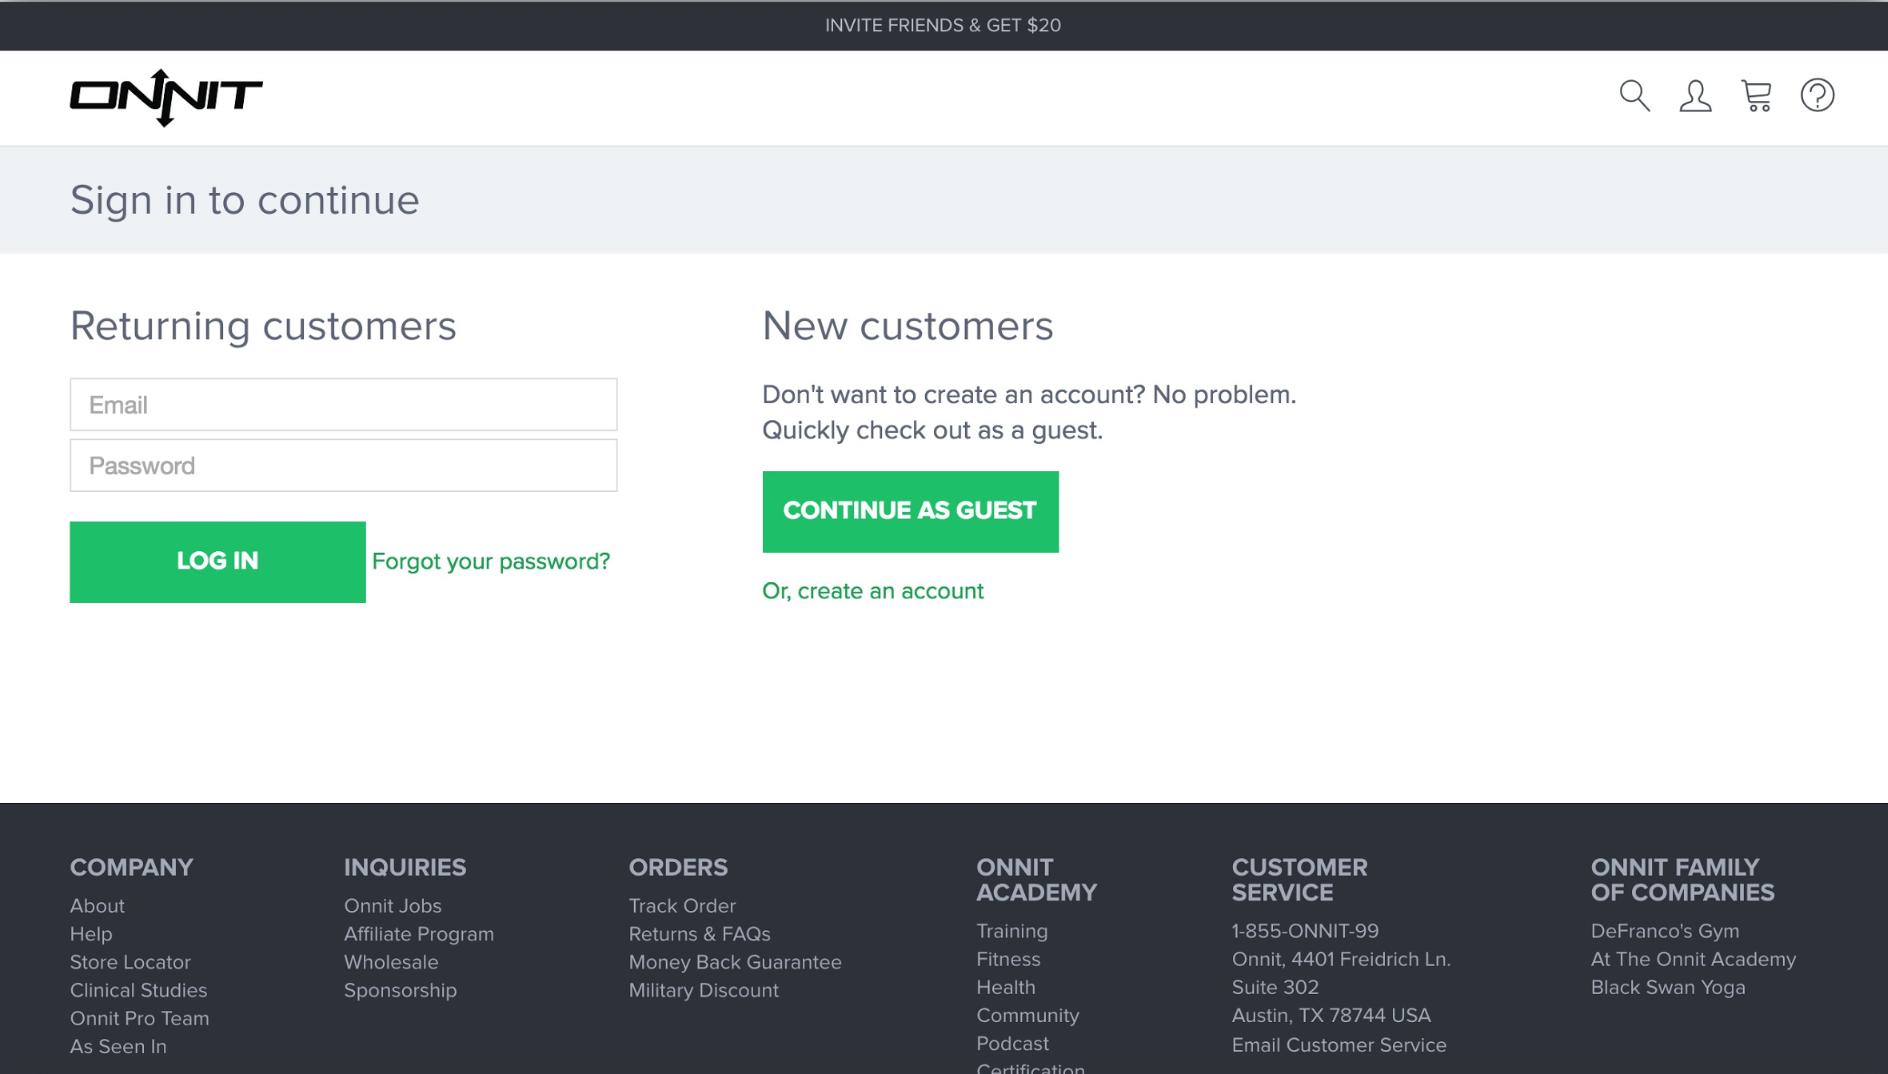 Screenshot showing an ecommerce website